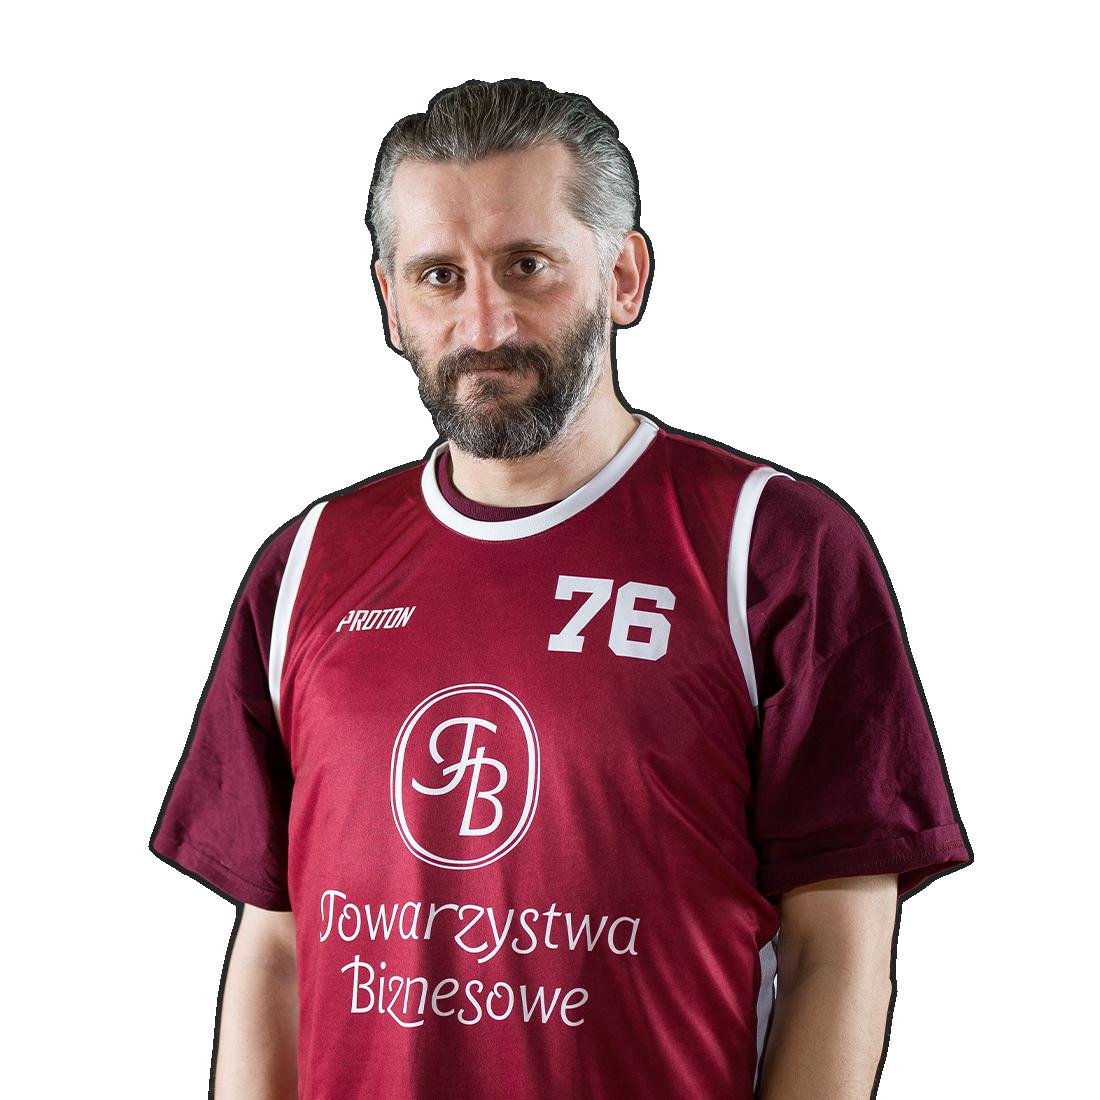 Rafał Dziedziczak